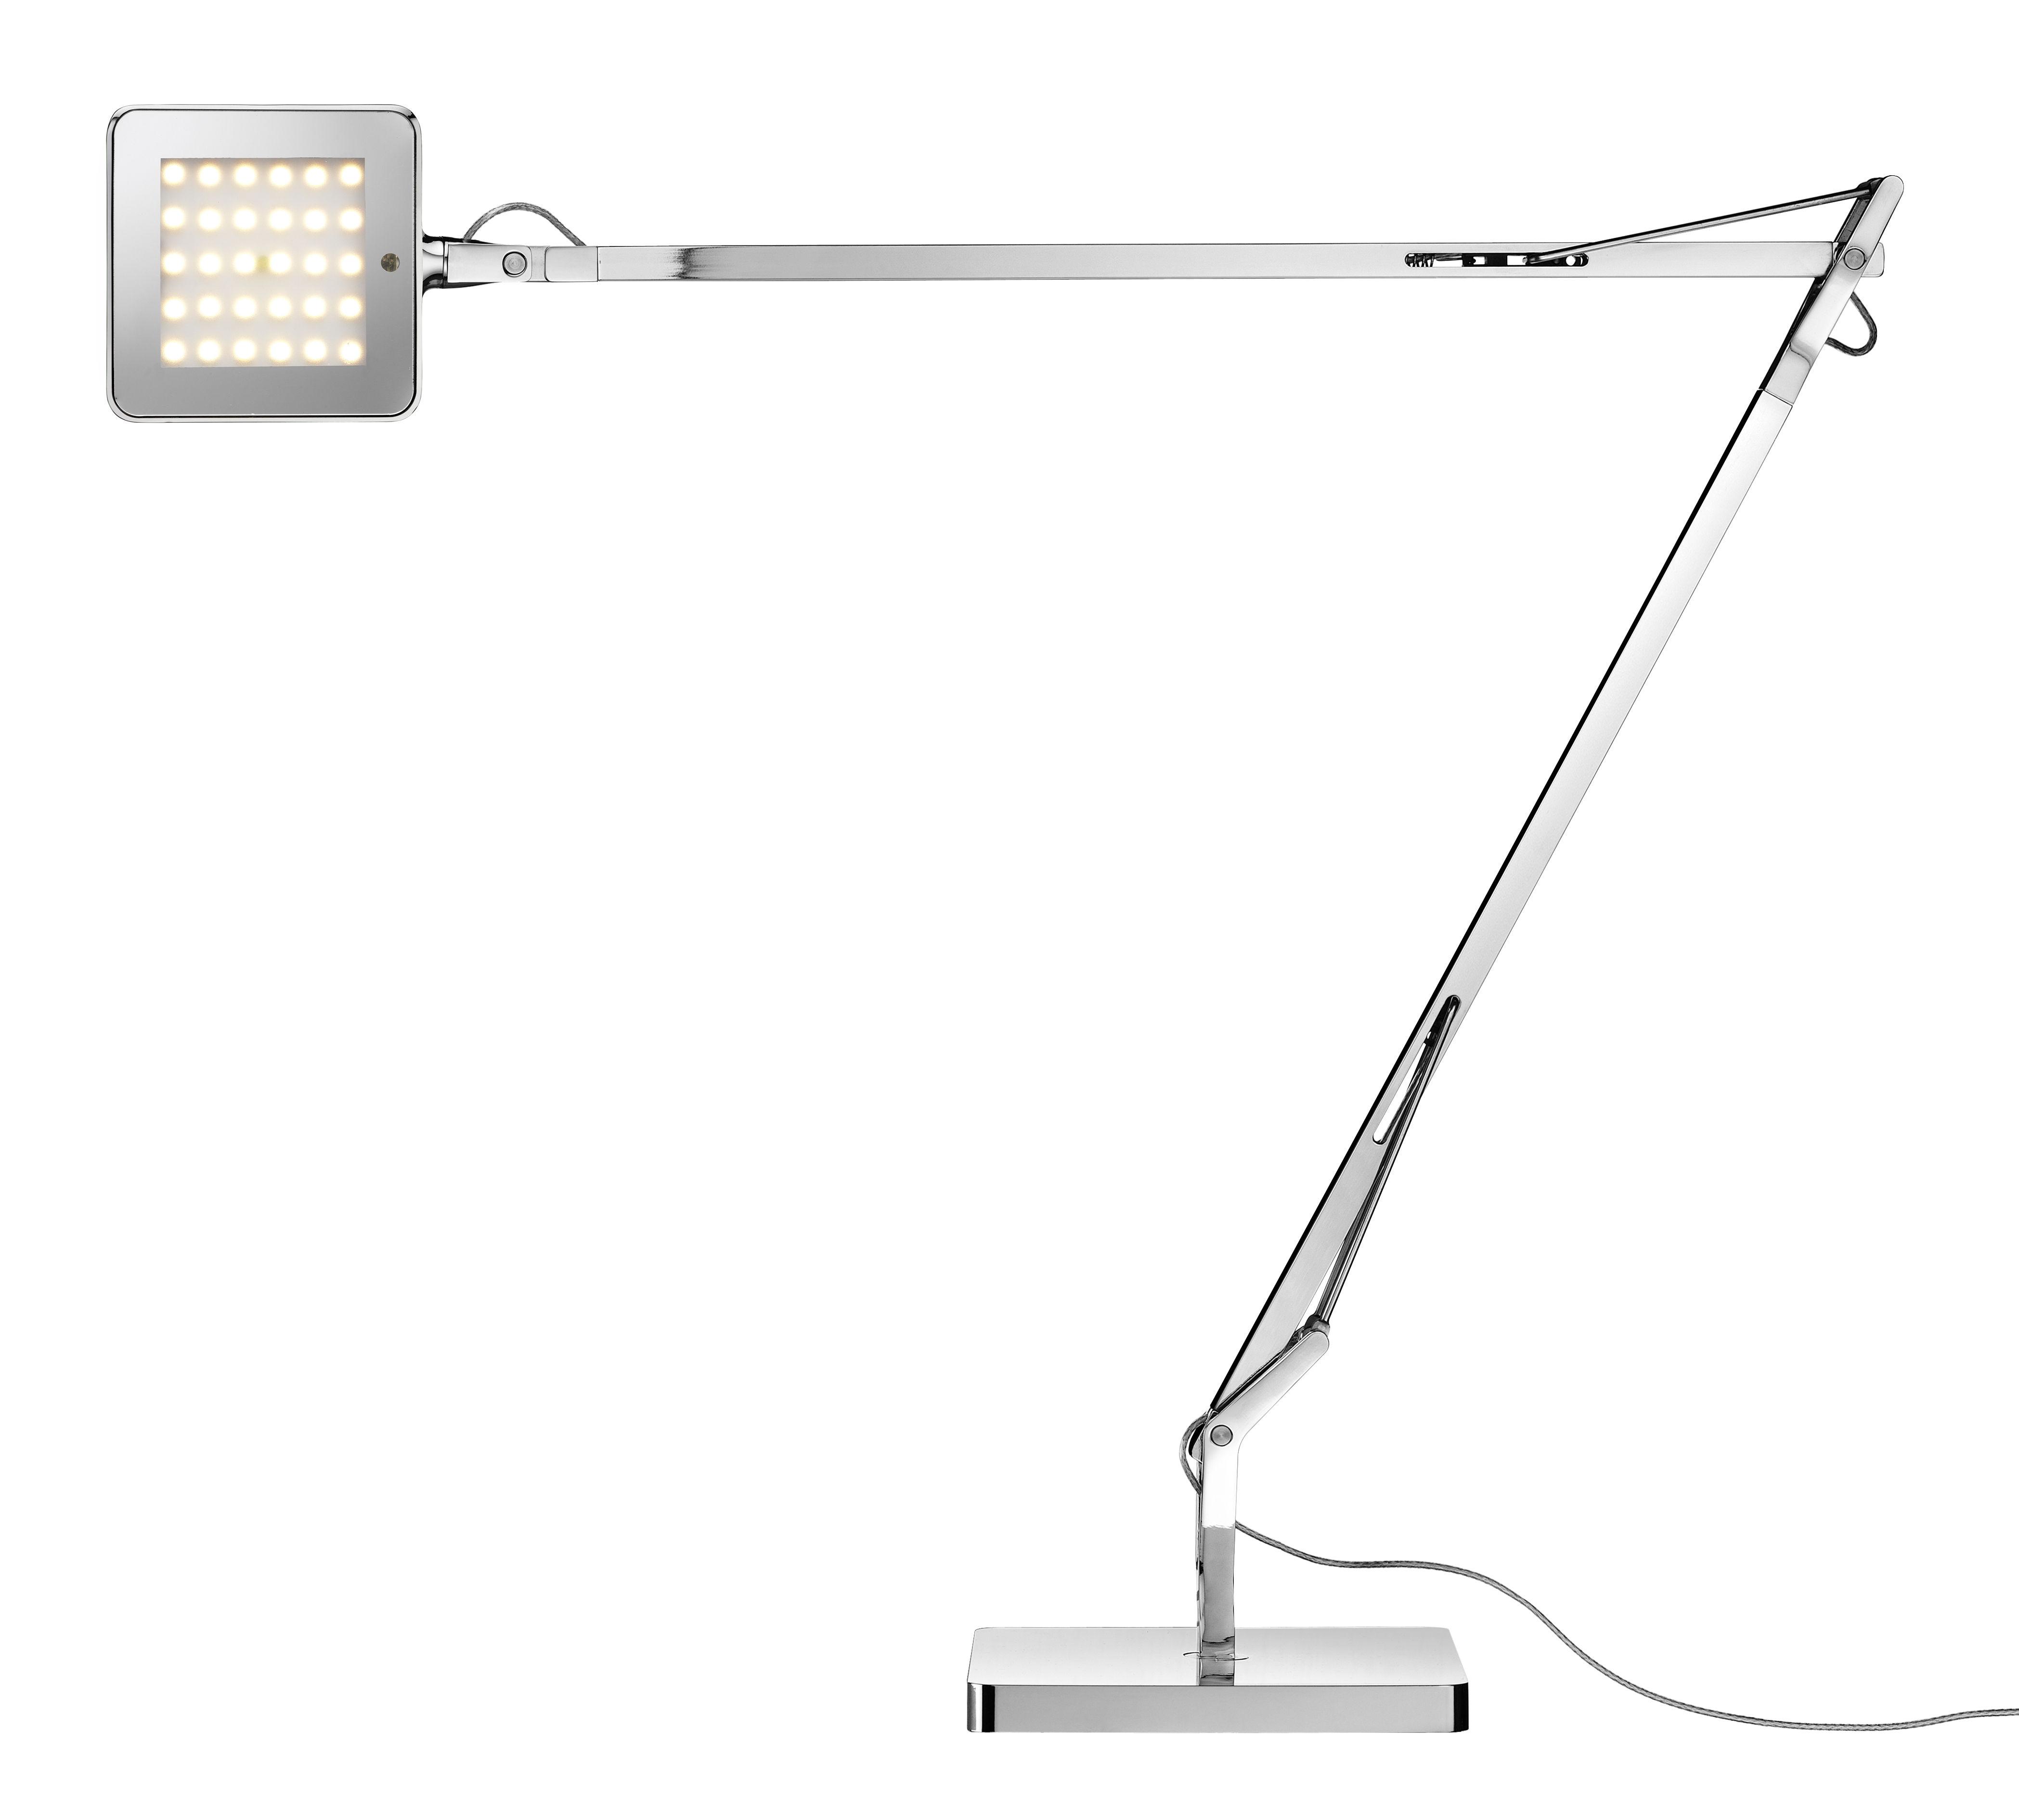 Leuchten - Tischleuchten - Kelvin LED Green Tischleuchte / mit Stromsparfunktion - Flos - Chrom-glänzend - Aluminium, PMMA, Stahl